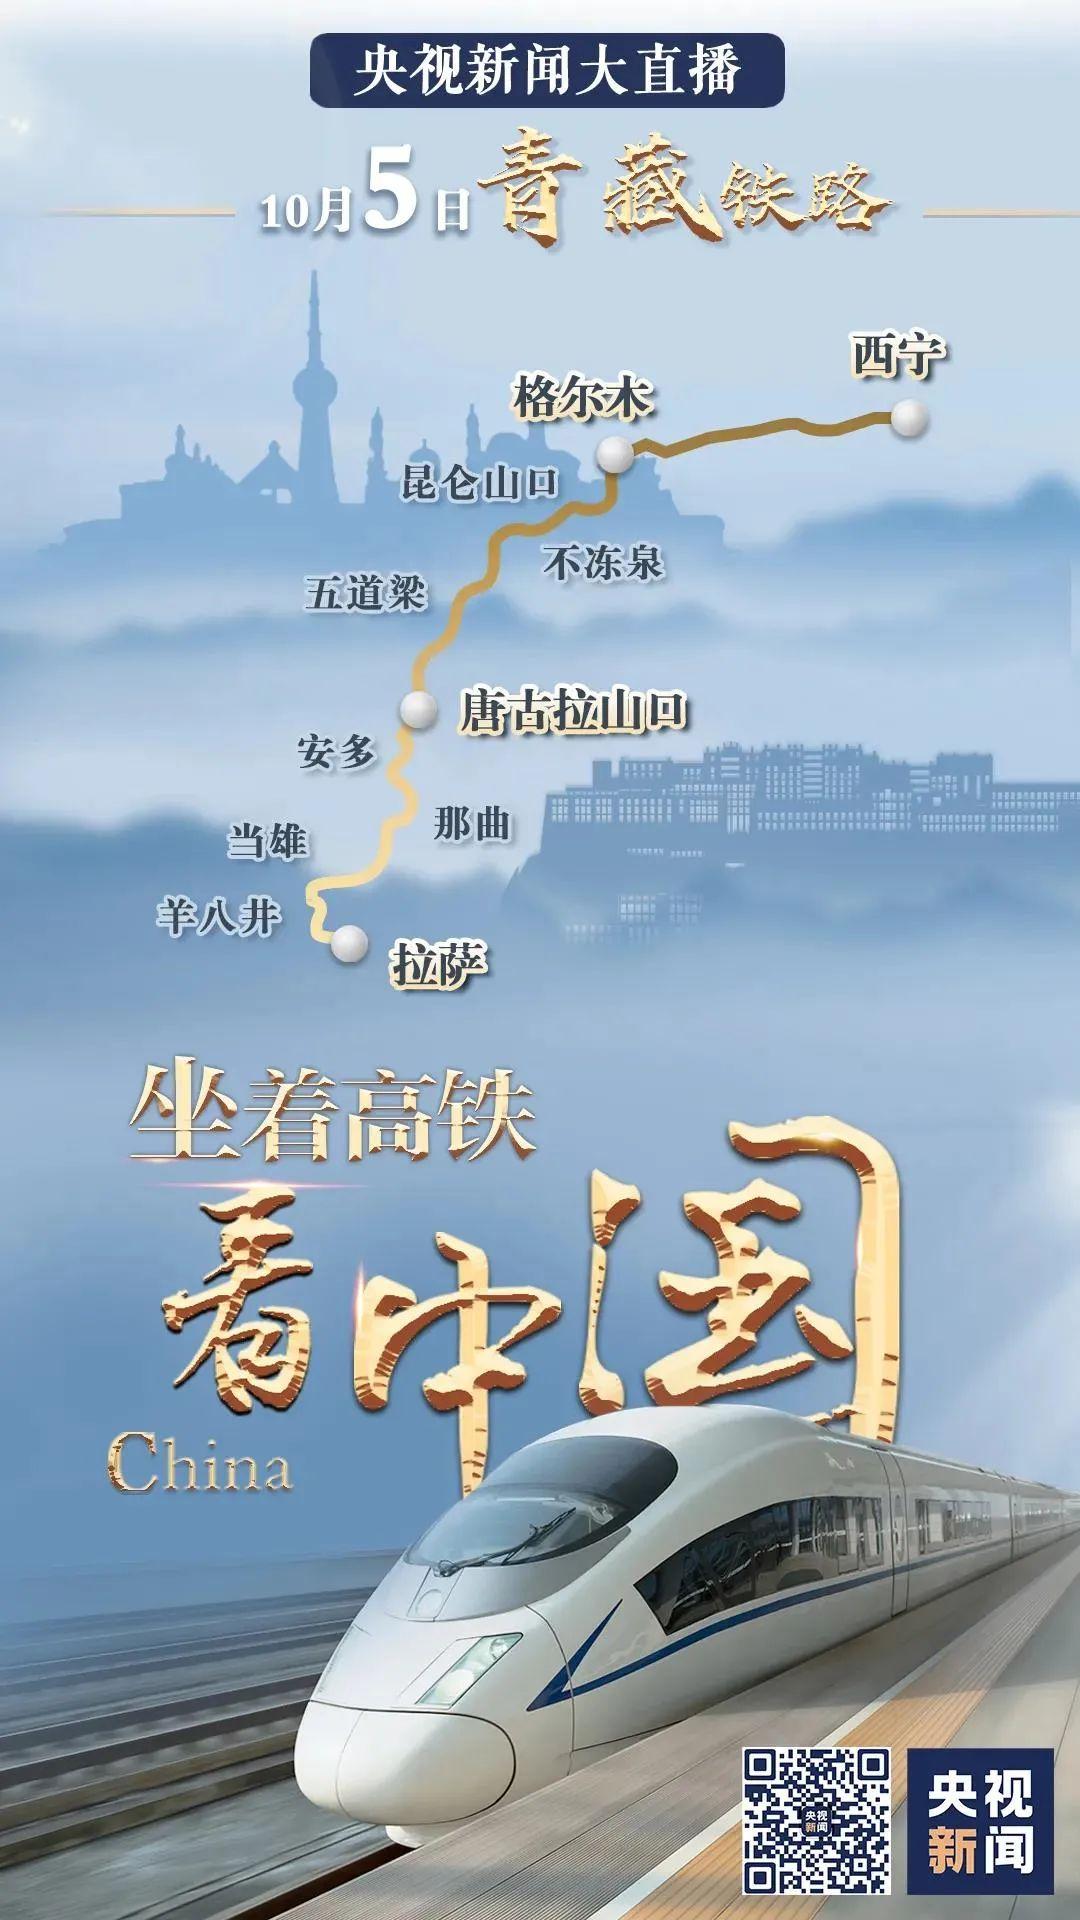 《坐着高铁看中国》 今日走进青海图片